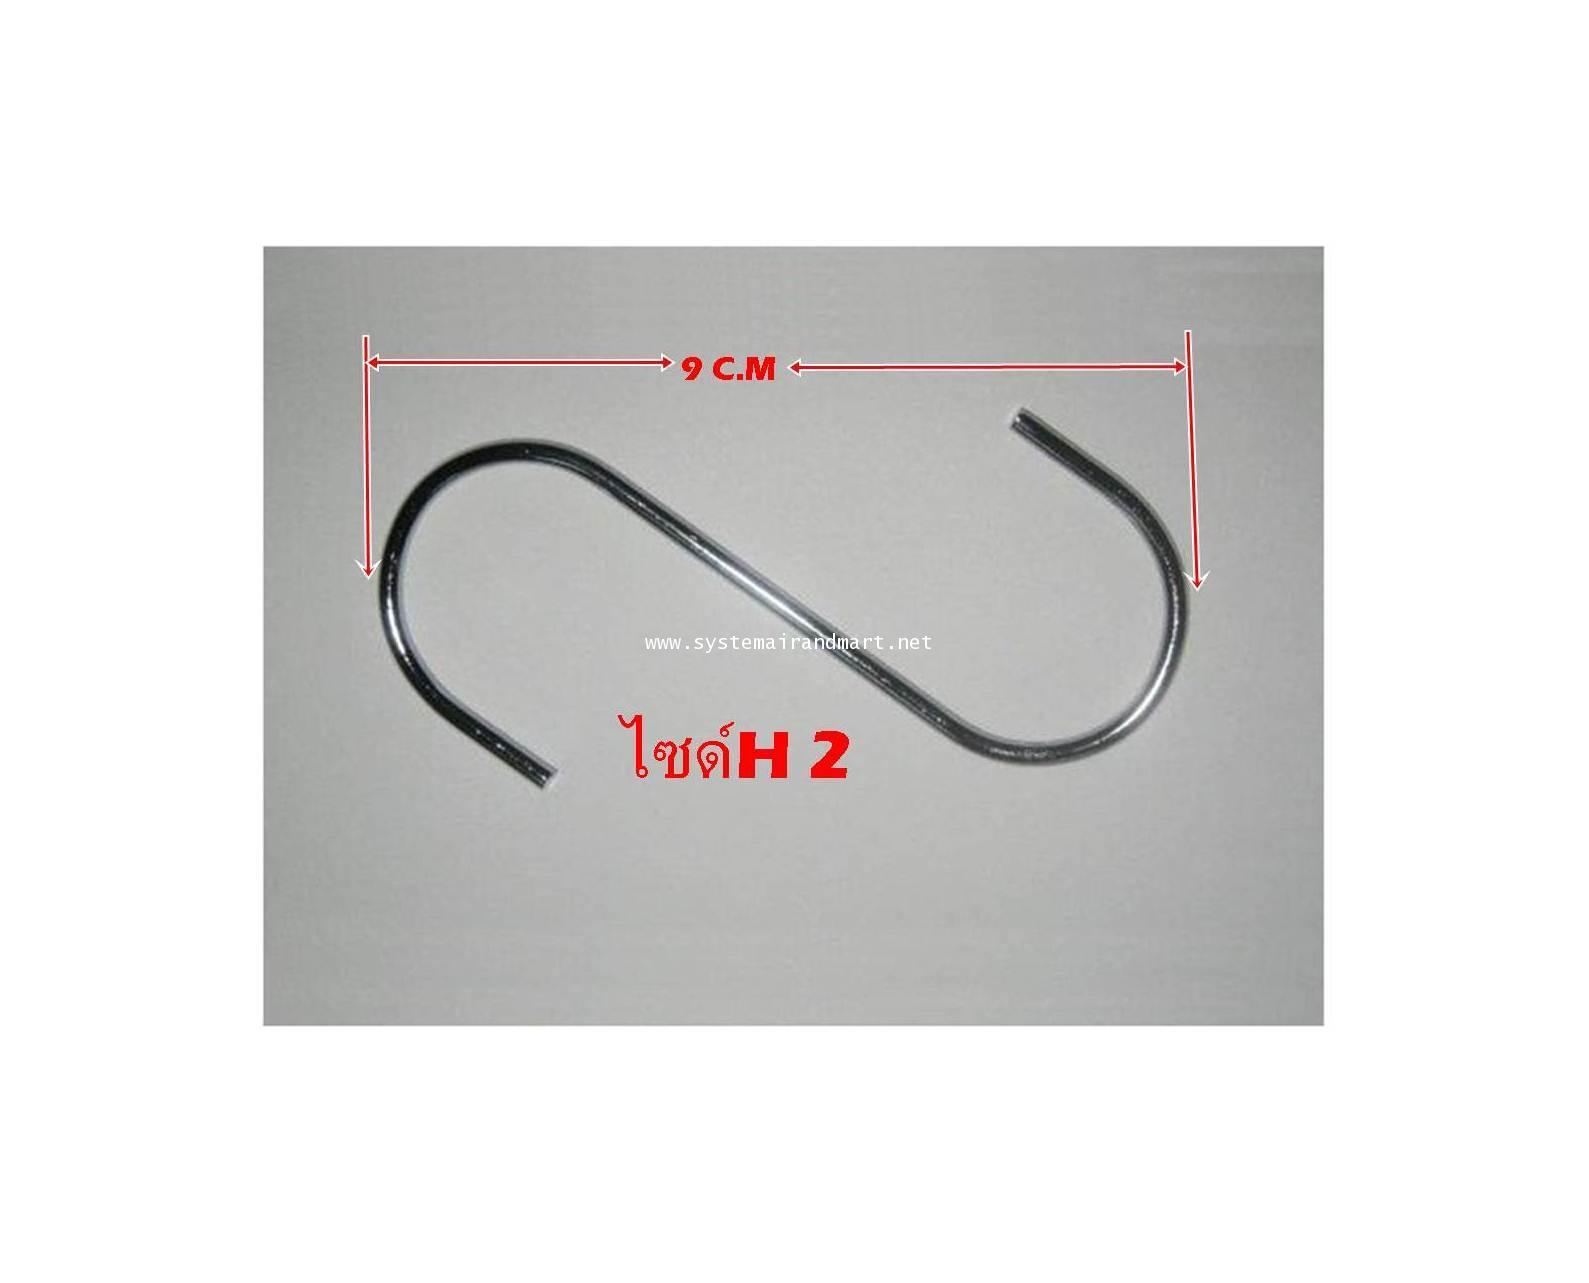 ตะขอแขวนตัว S ไซด์ H2 7